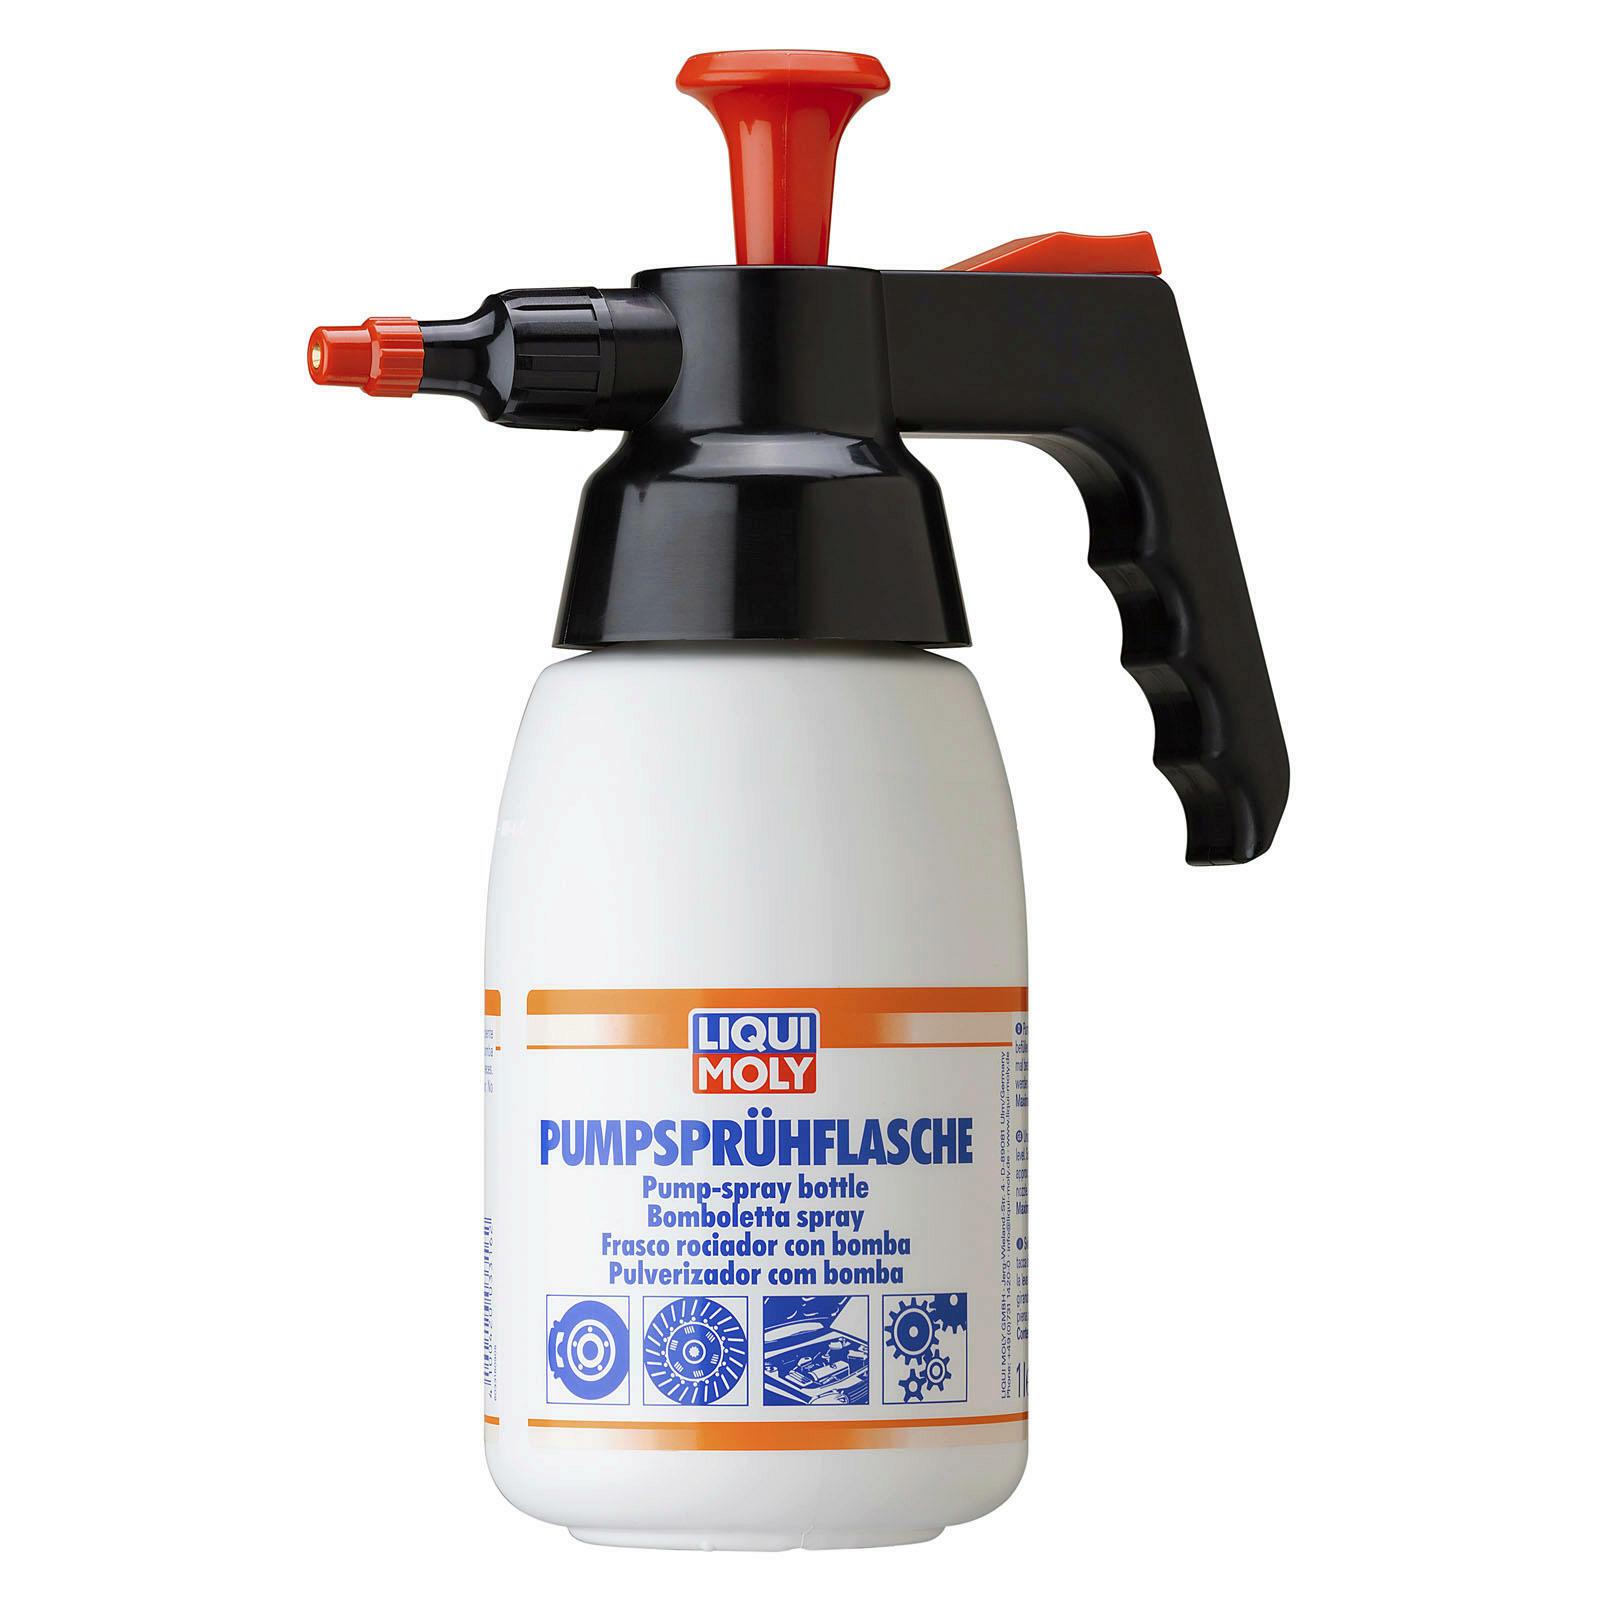 Liqui Moly Pumpsprühflasche 1l